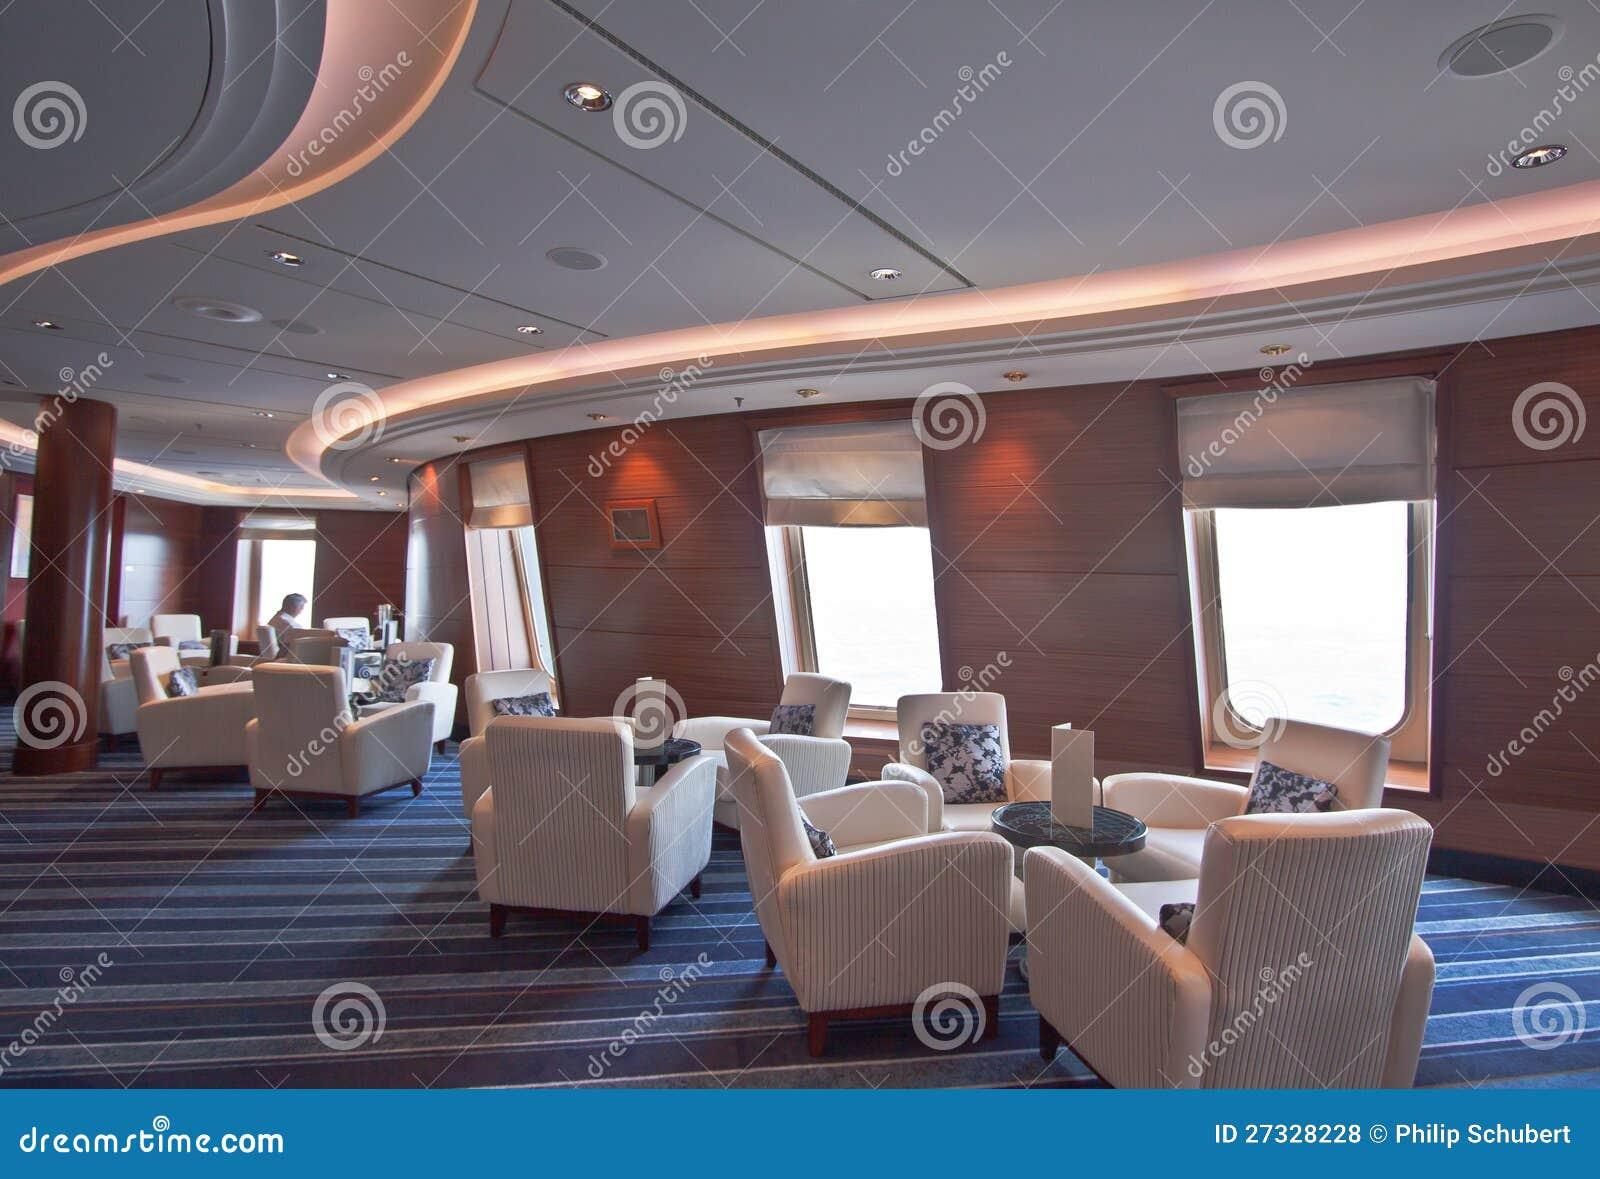 Intimate elegant lounge on luxury cruise liner